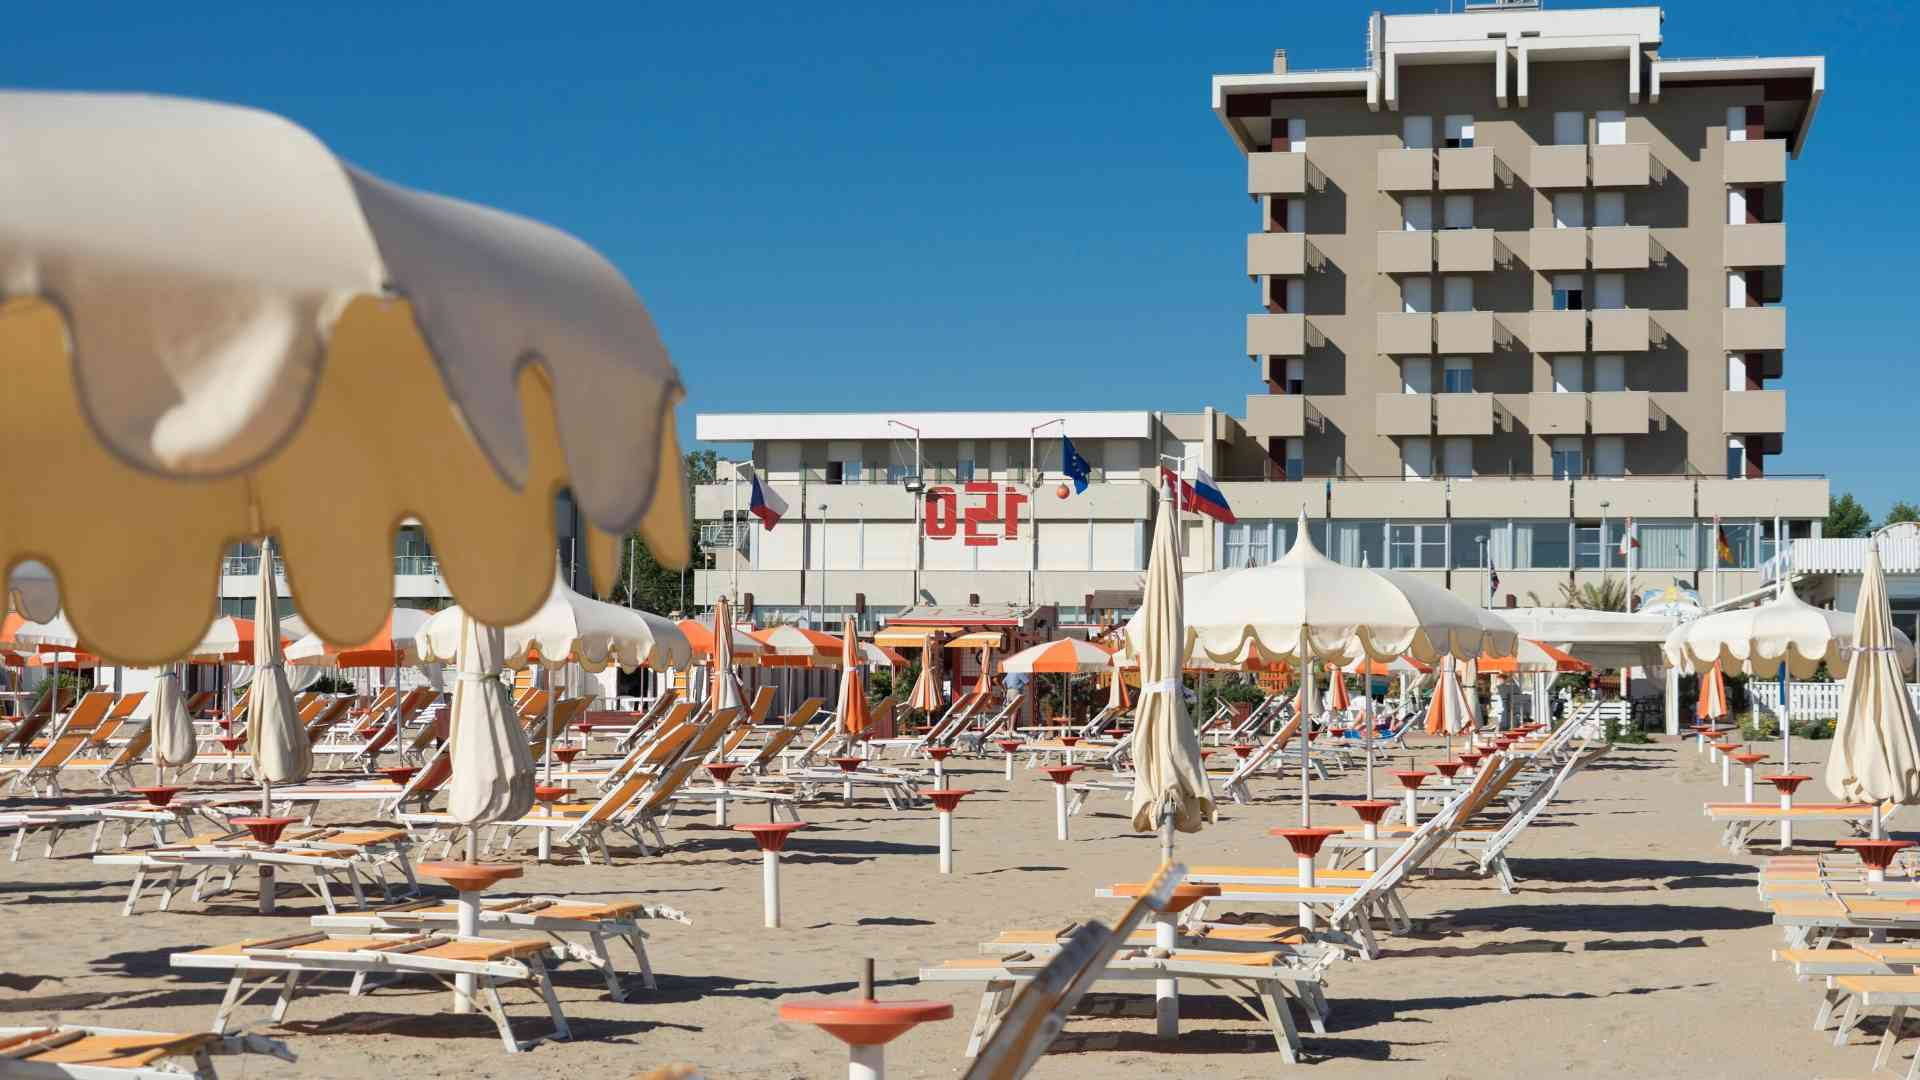 Spiaggia_Hotel Asscot